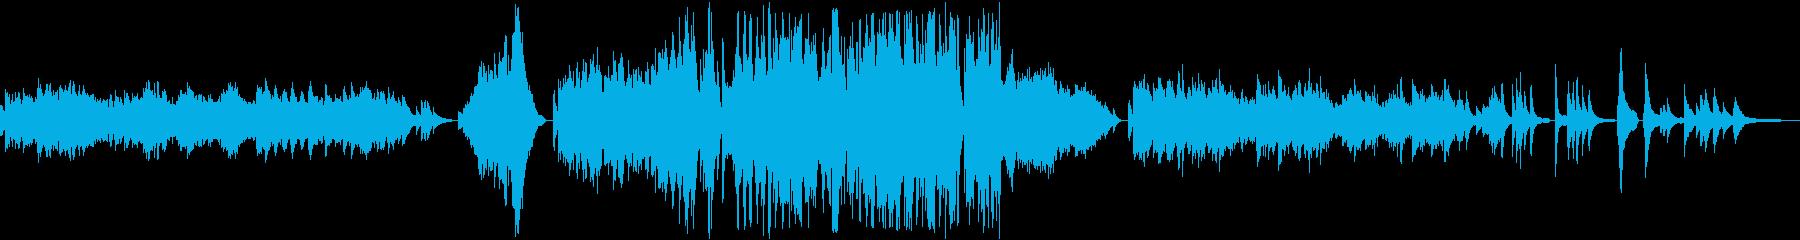 愛の夢 第3番/リスト【ピアノソロ】の再生済みの波形